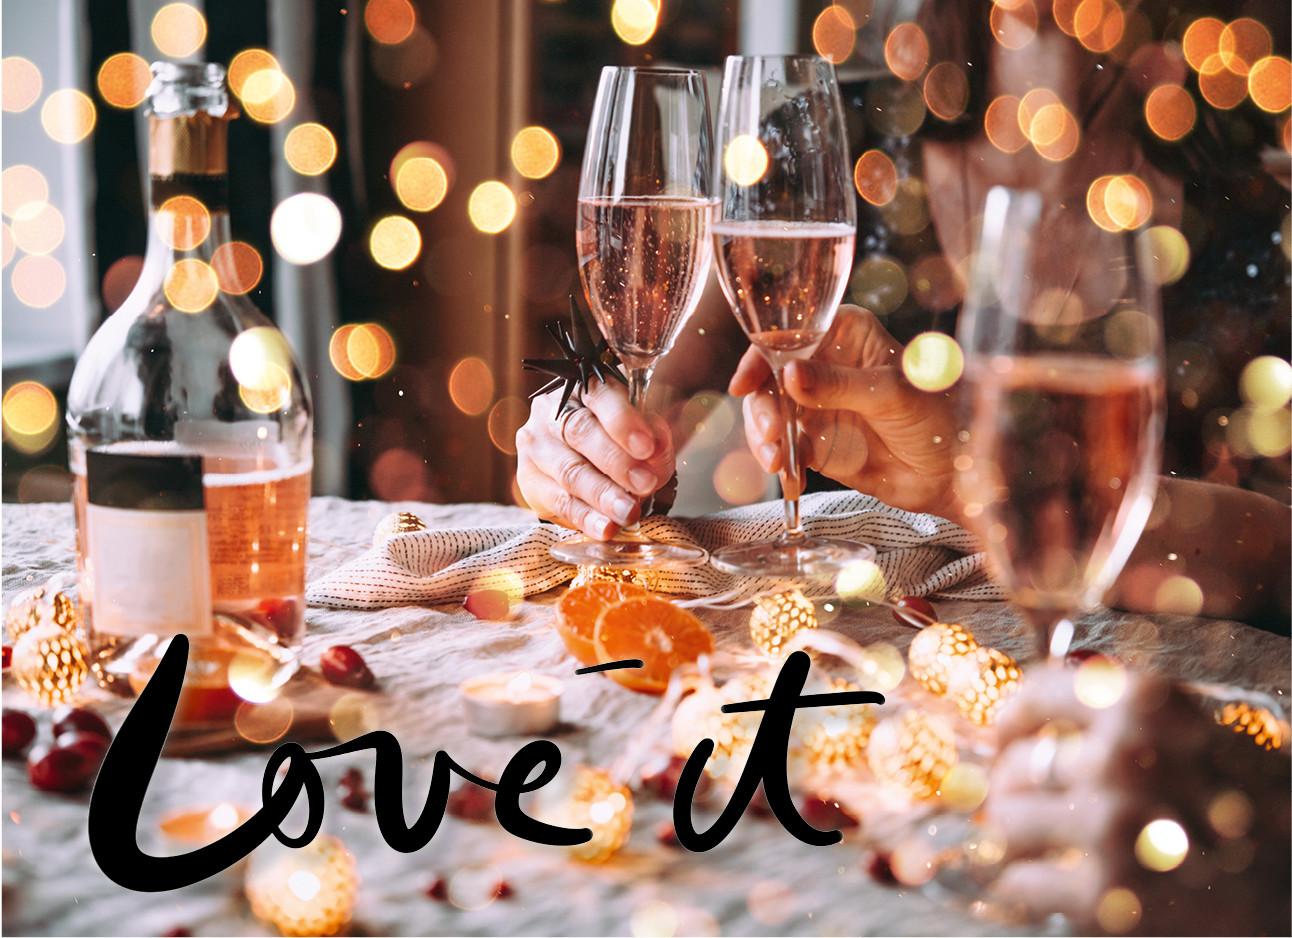 een tafel vol met lichtjes en wijn glazen